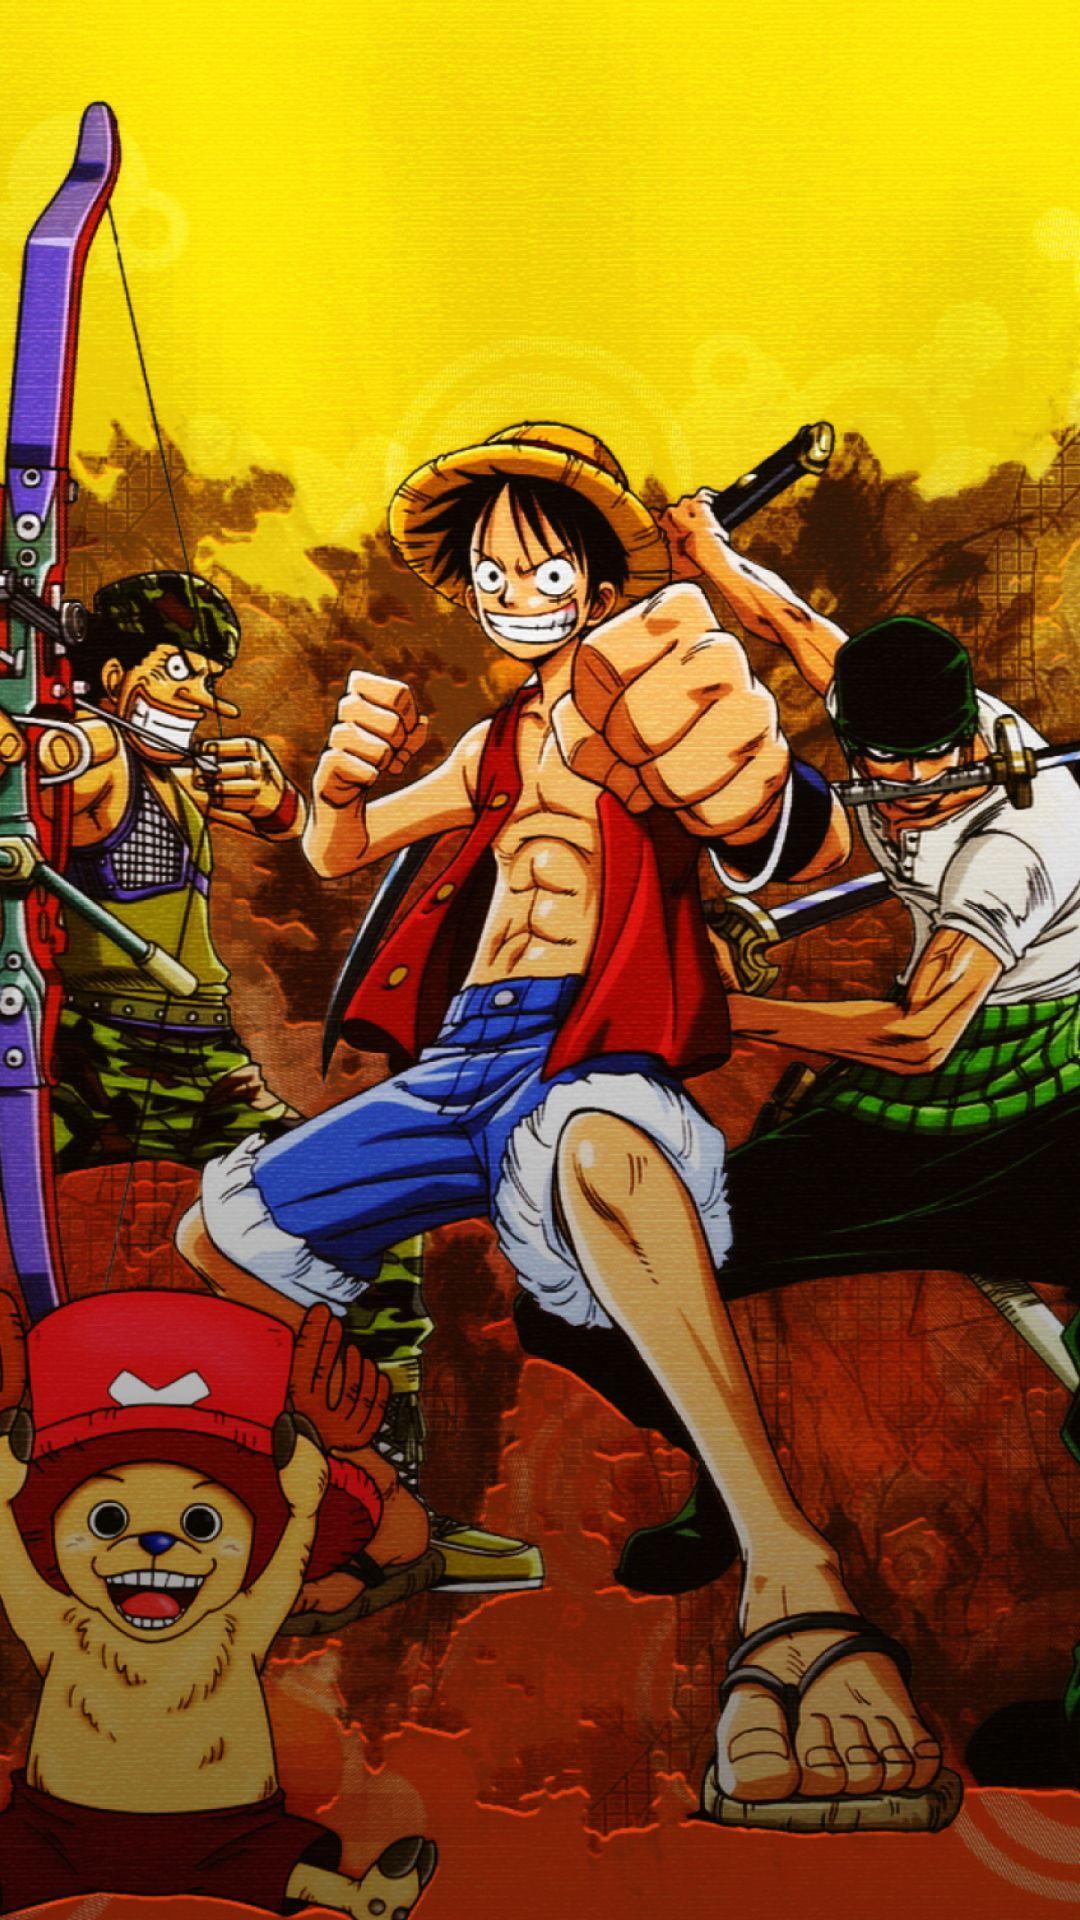 1080x1920 Wallpaper.wiki Hình nền iPhone miễn phí One Piece Tải xuống PIC